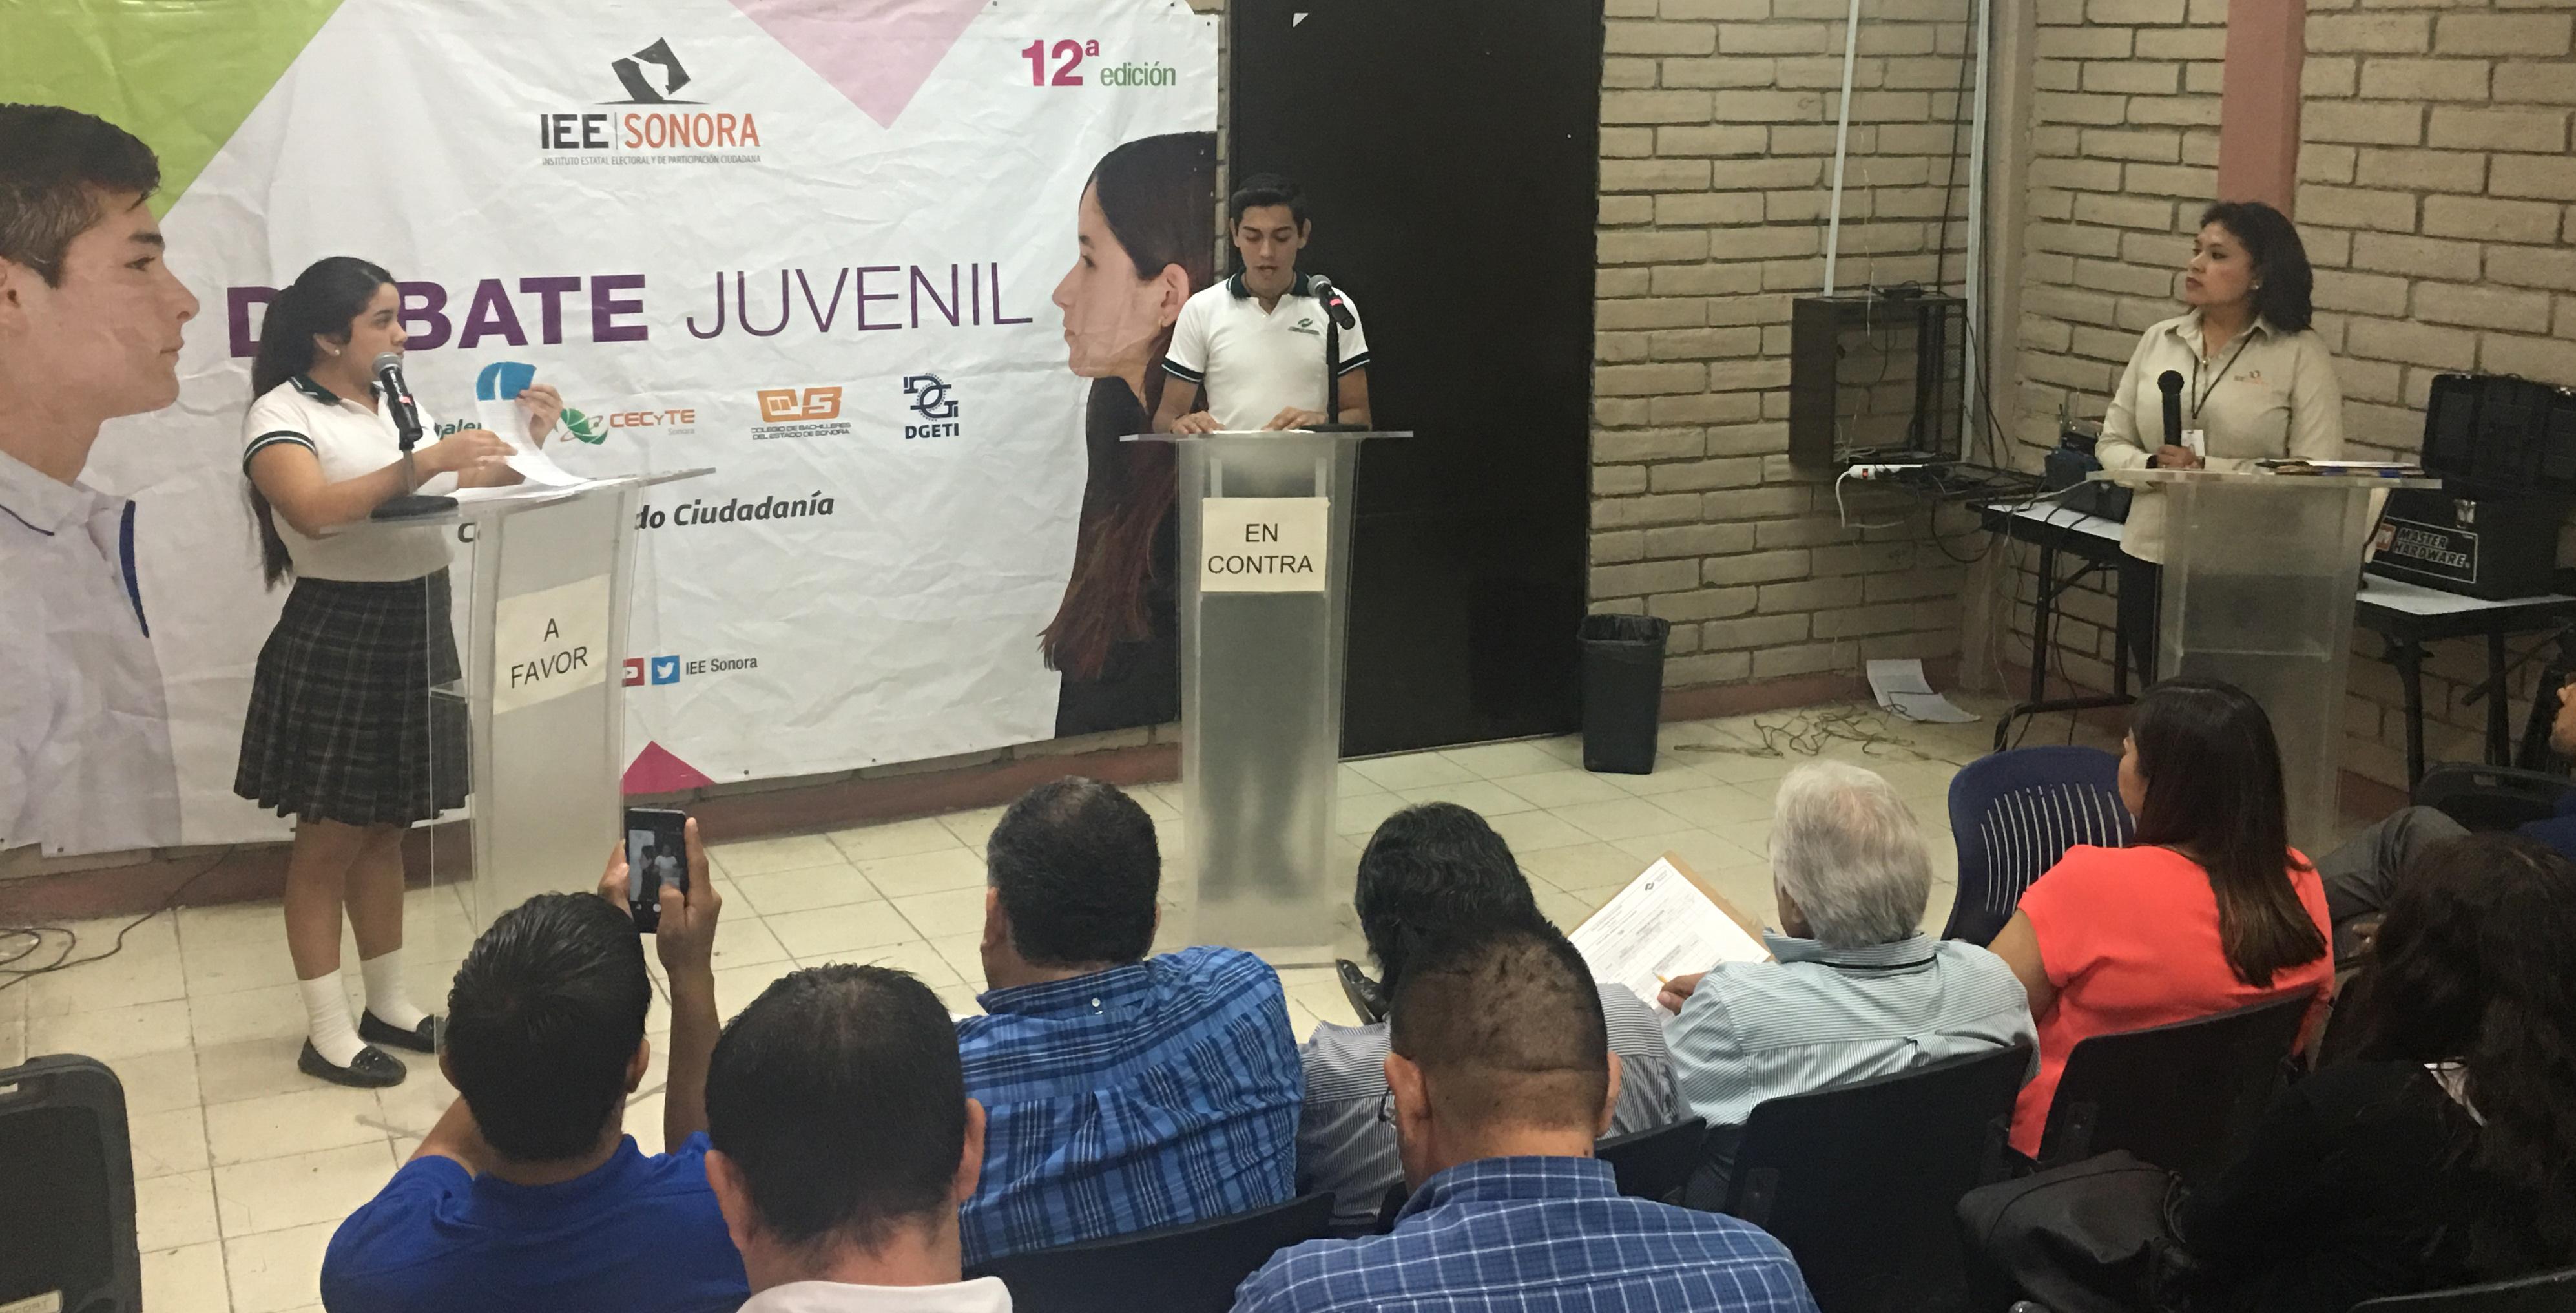 Alumnos del plantel #ConalepHermosillo1 participaron en la 12ª Edición del Debate Juvenil del #IEESonora